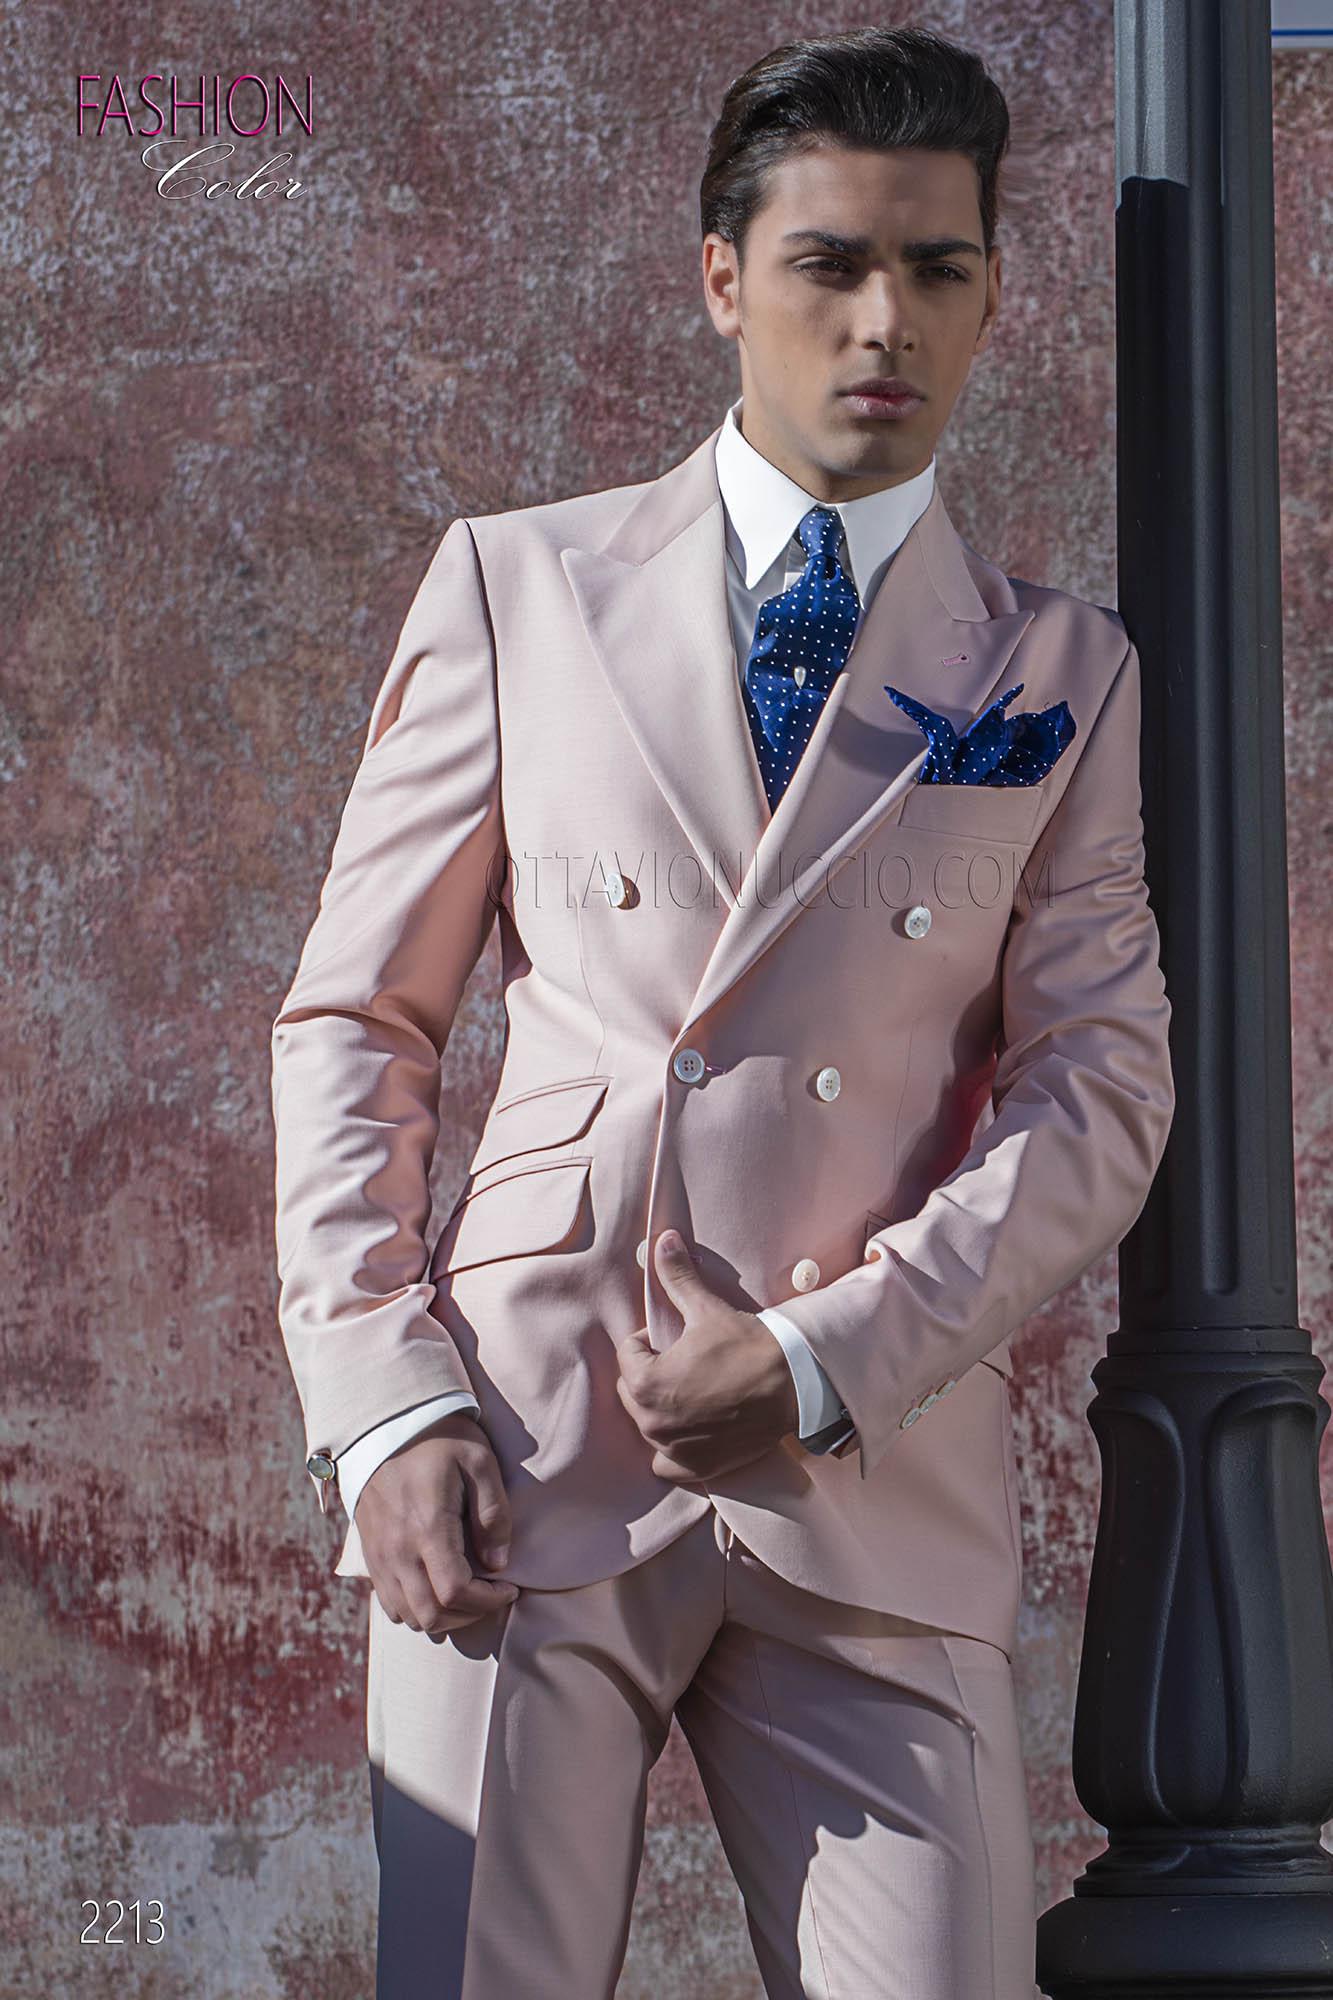 Costume croisé mariage homme vintage couleur rose e4d6409baad